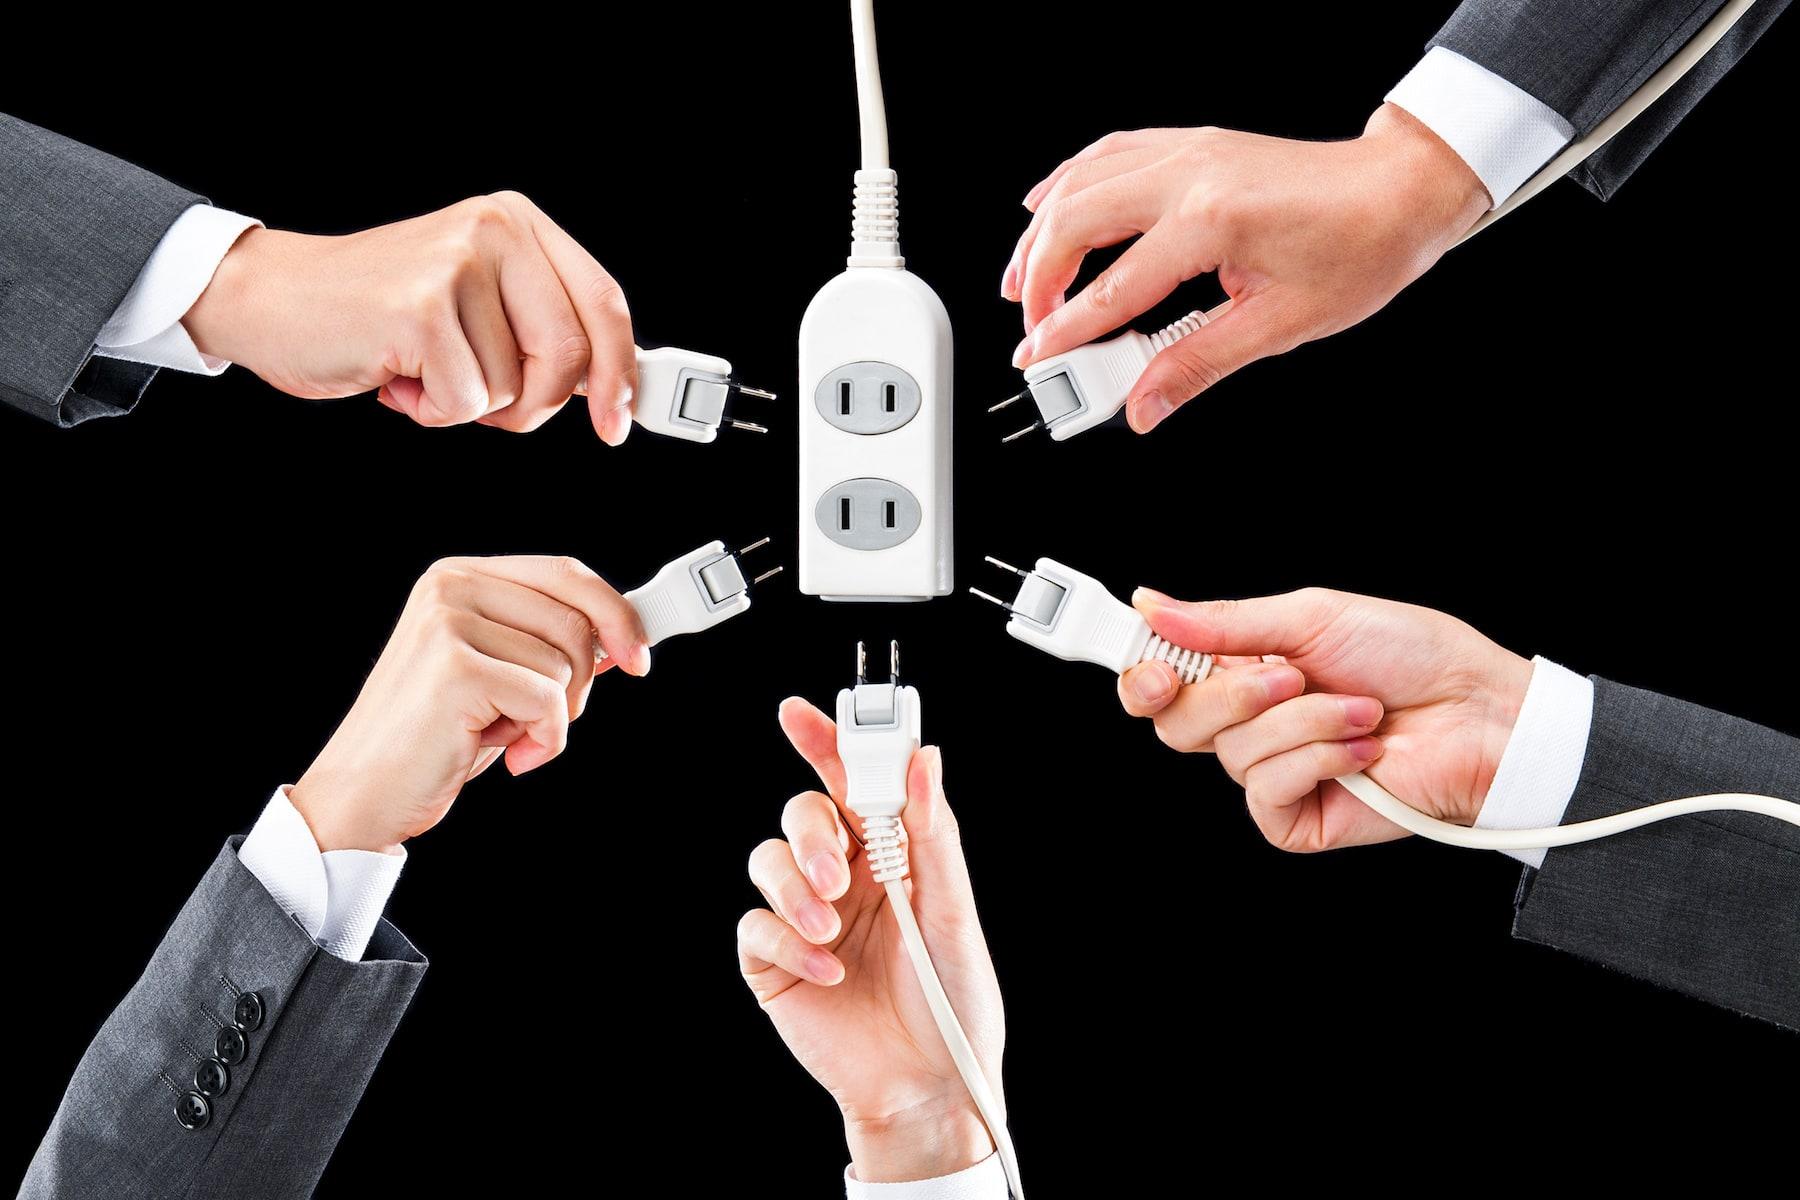 電気のコンセントを持つ人の手